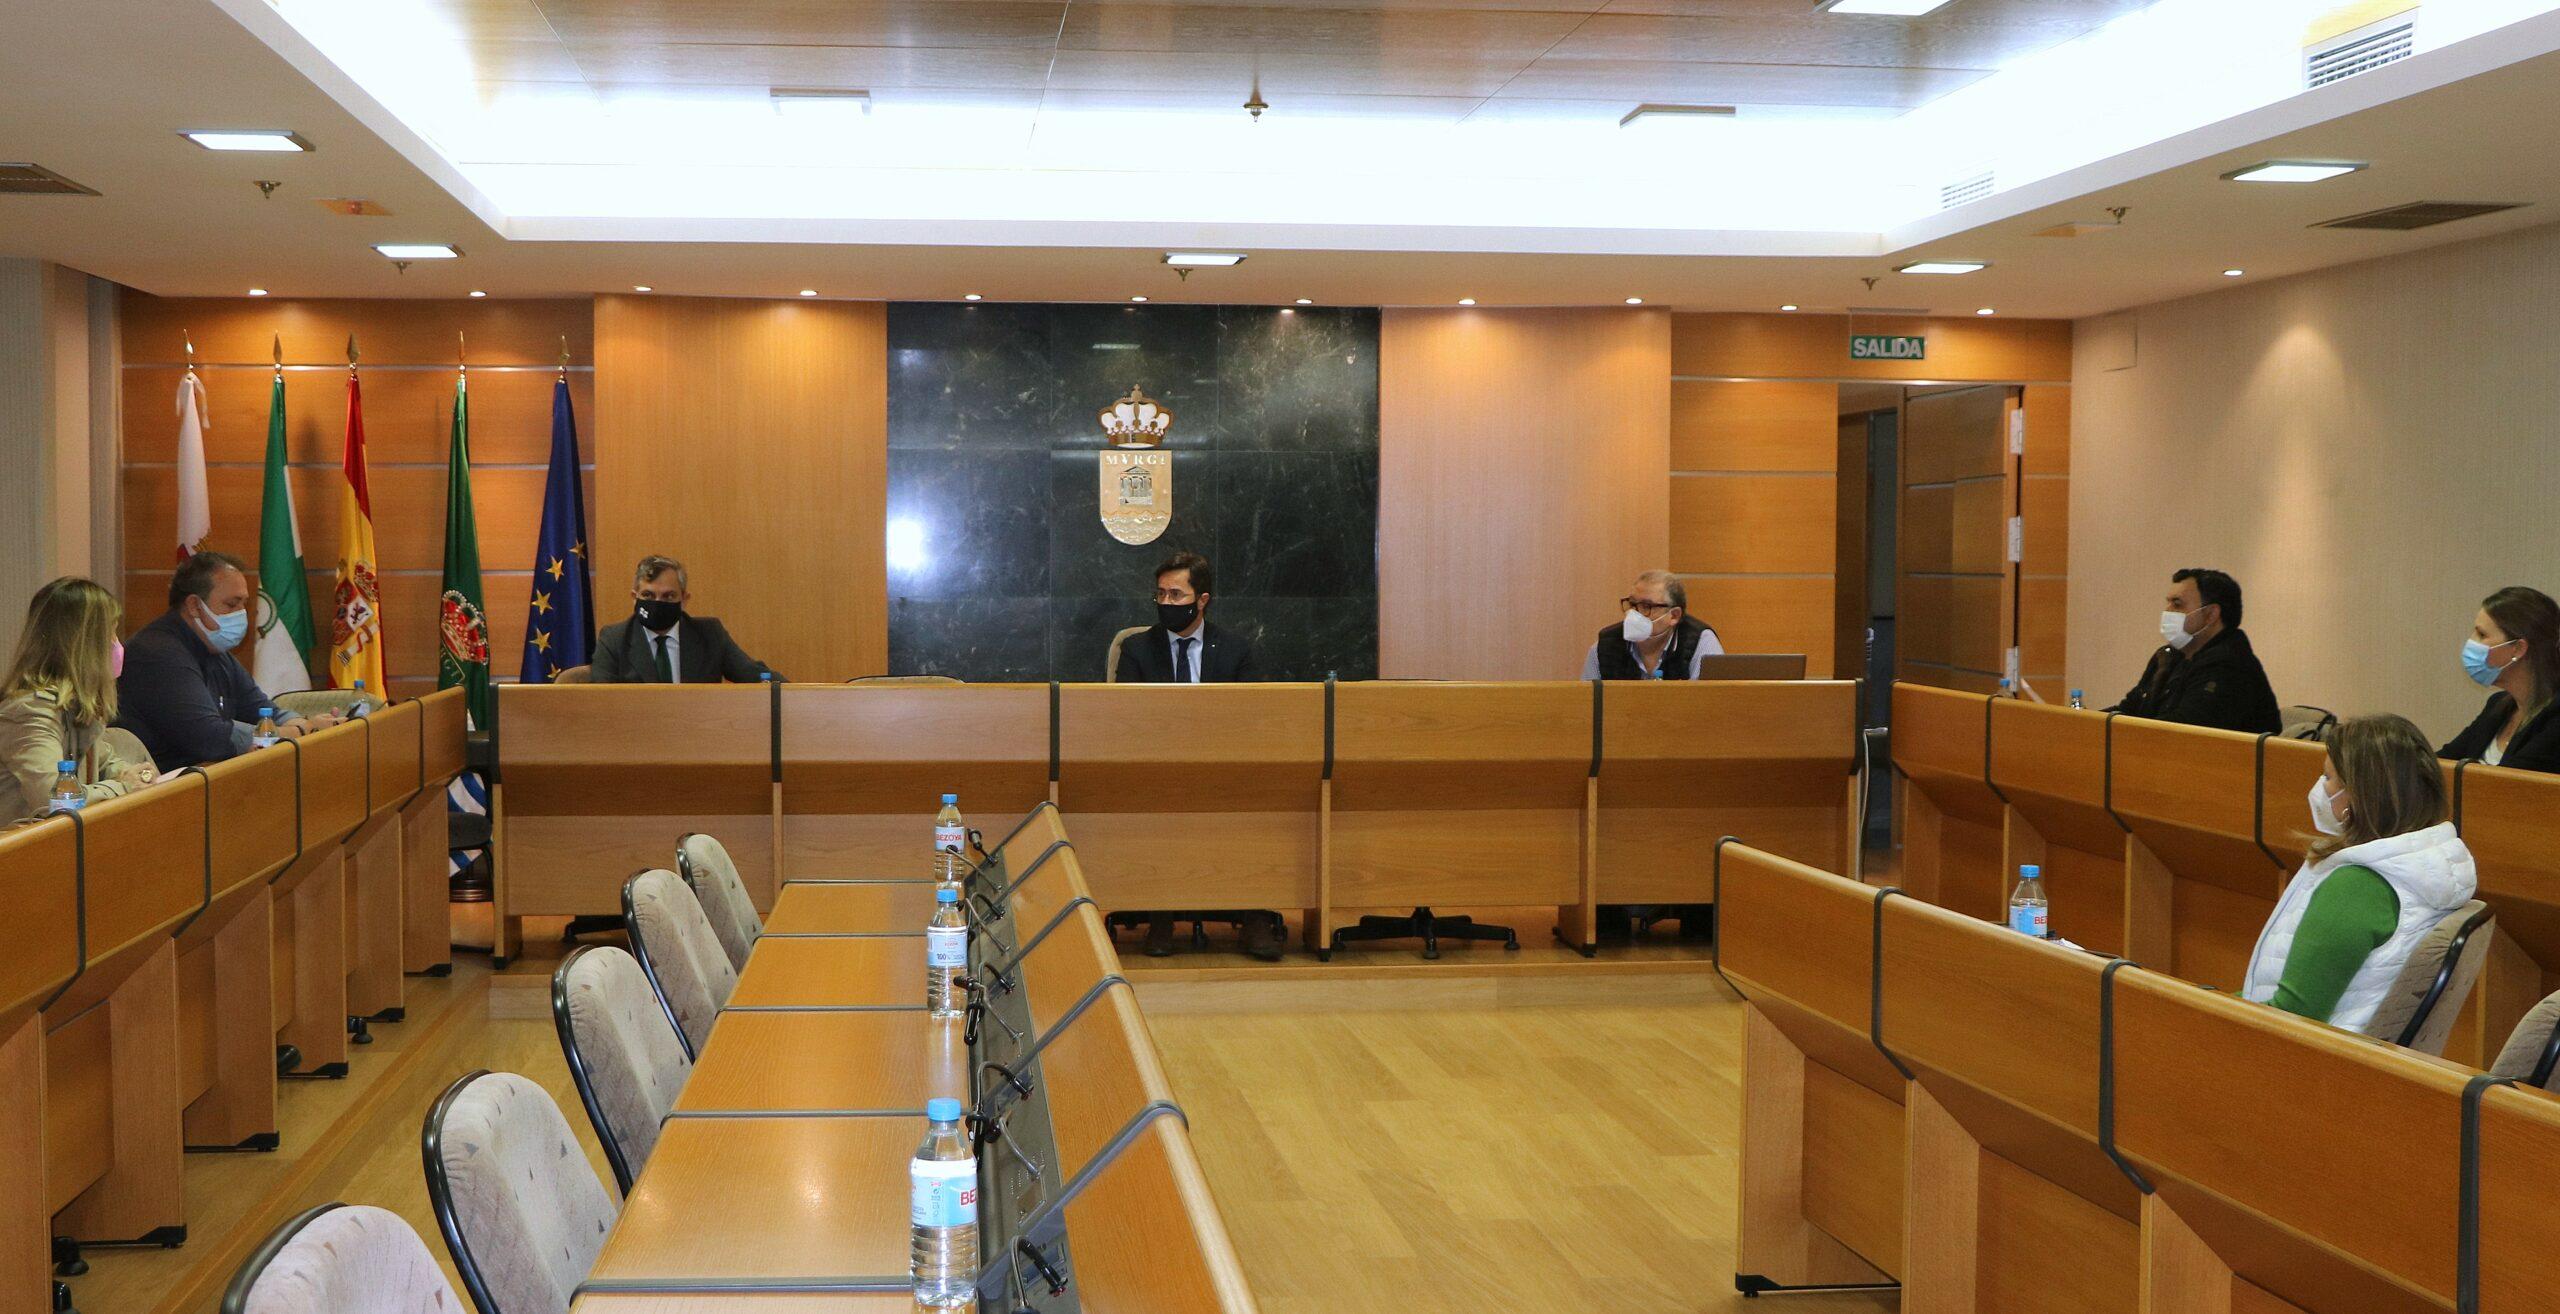 El Ayuntamiento de El Ejido invertirá casi 800.000 euros en mejorar la seguridad de un total de 30 áreas infantiles de todo el municipio con la regeneración del pavimento